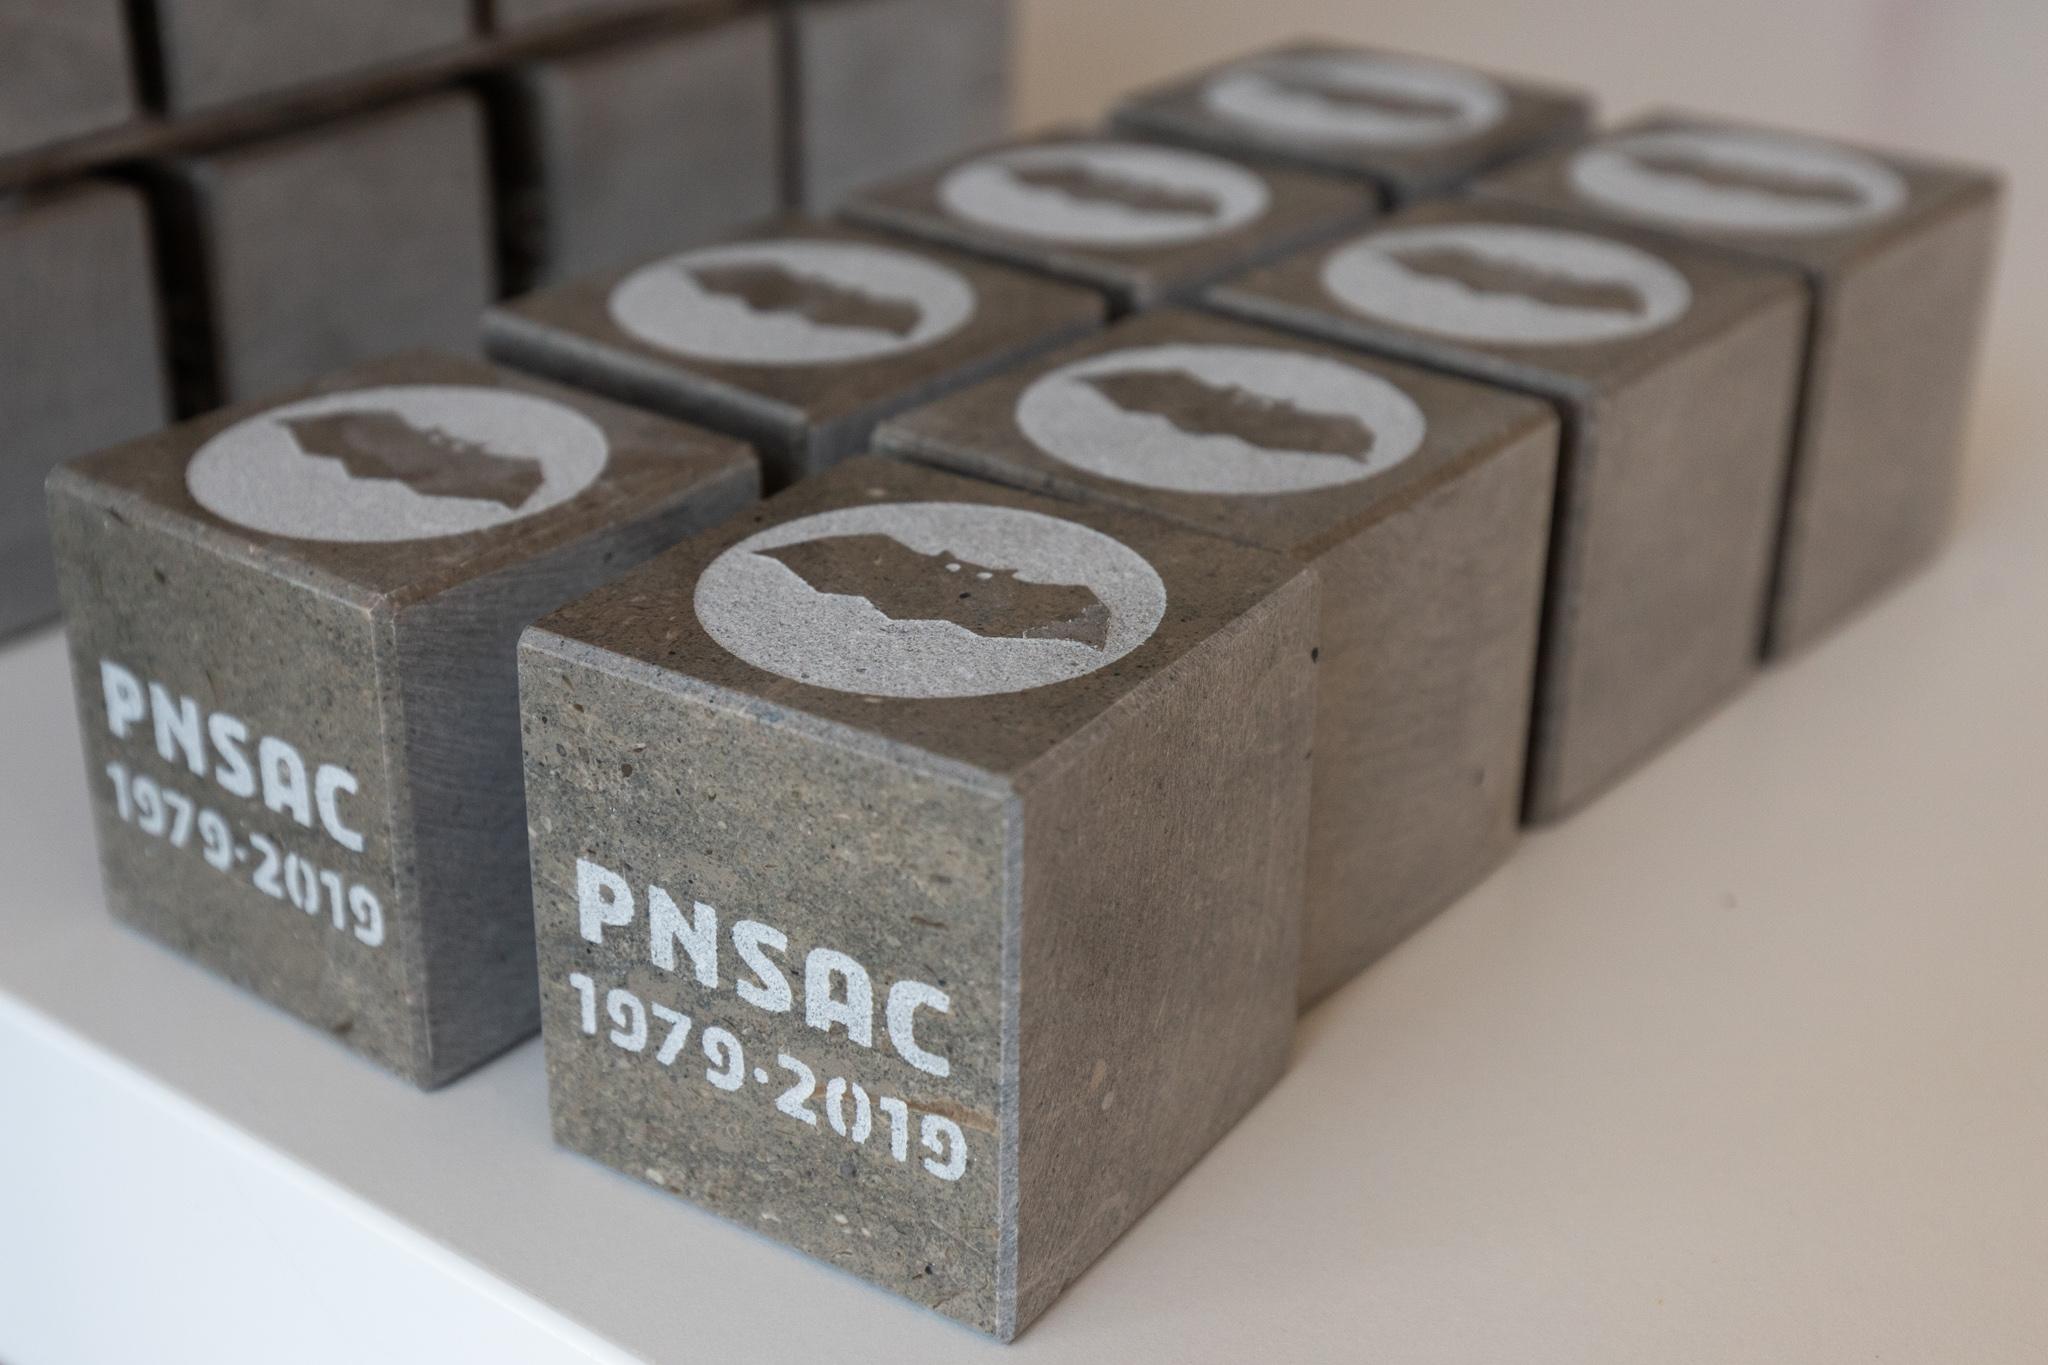 fotos-noticia-pnsac-1